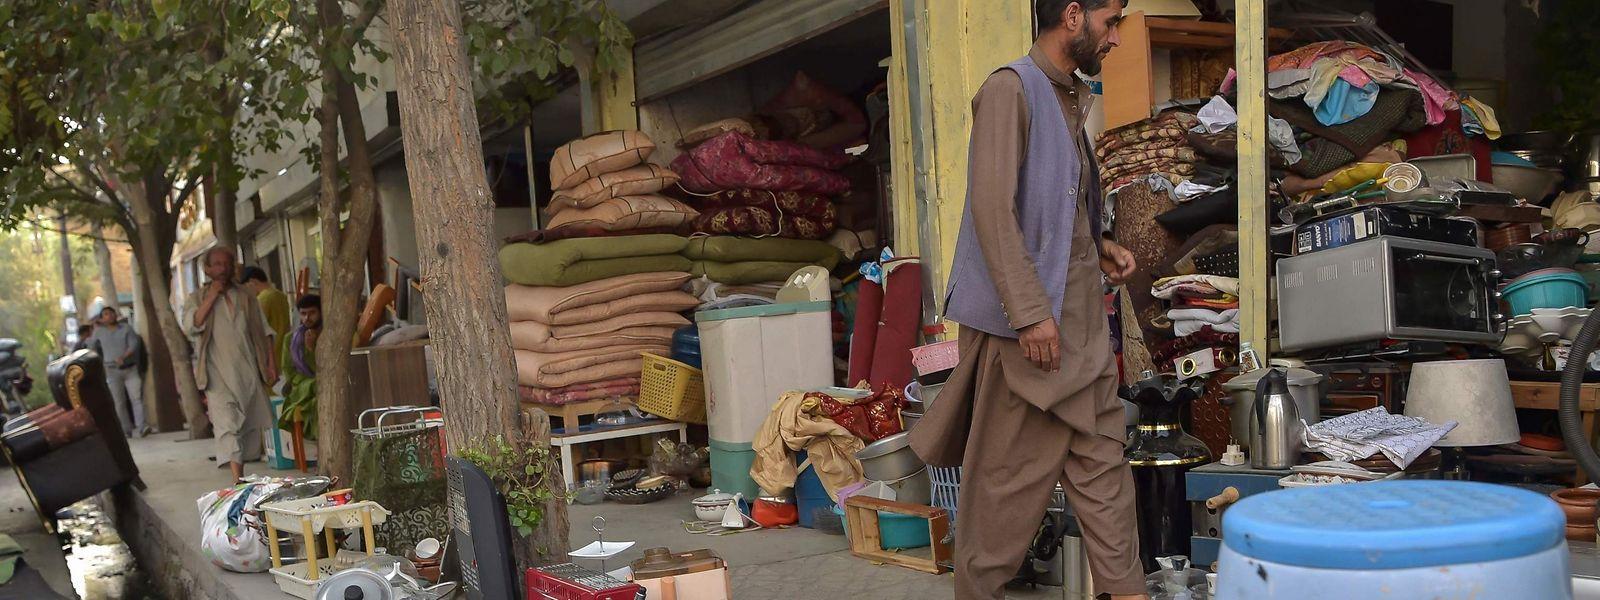 Afghanische Ladenbesitzer bieten auf einem Markt in Kabul gebrauchte Haushaltsgegenstände zum Verkauf an.